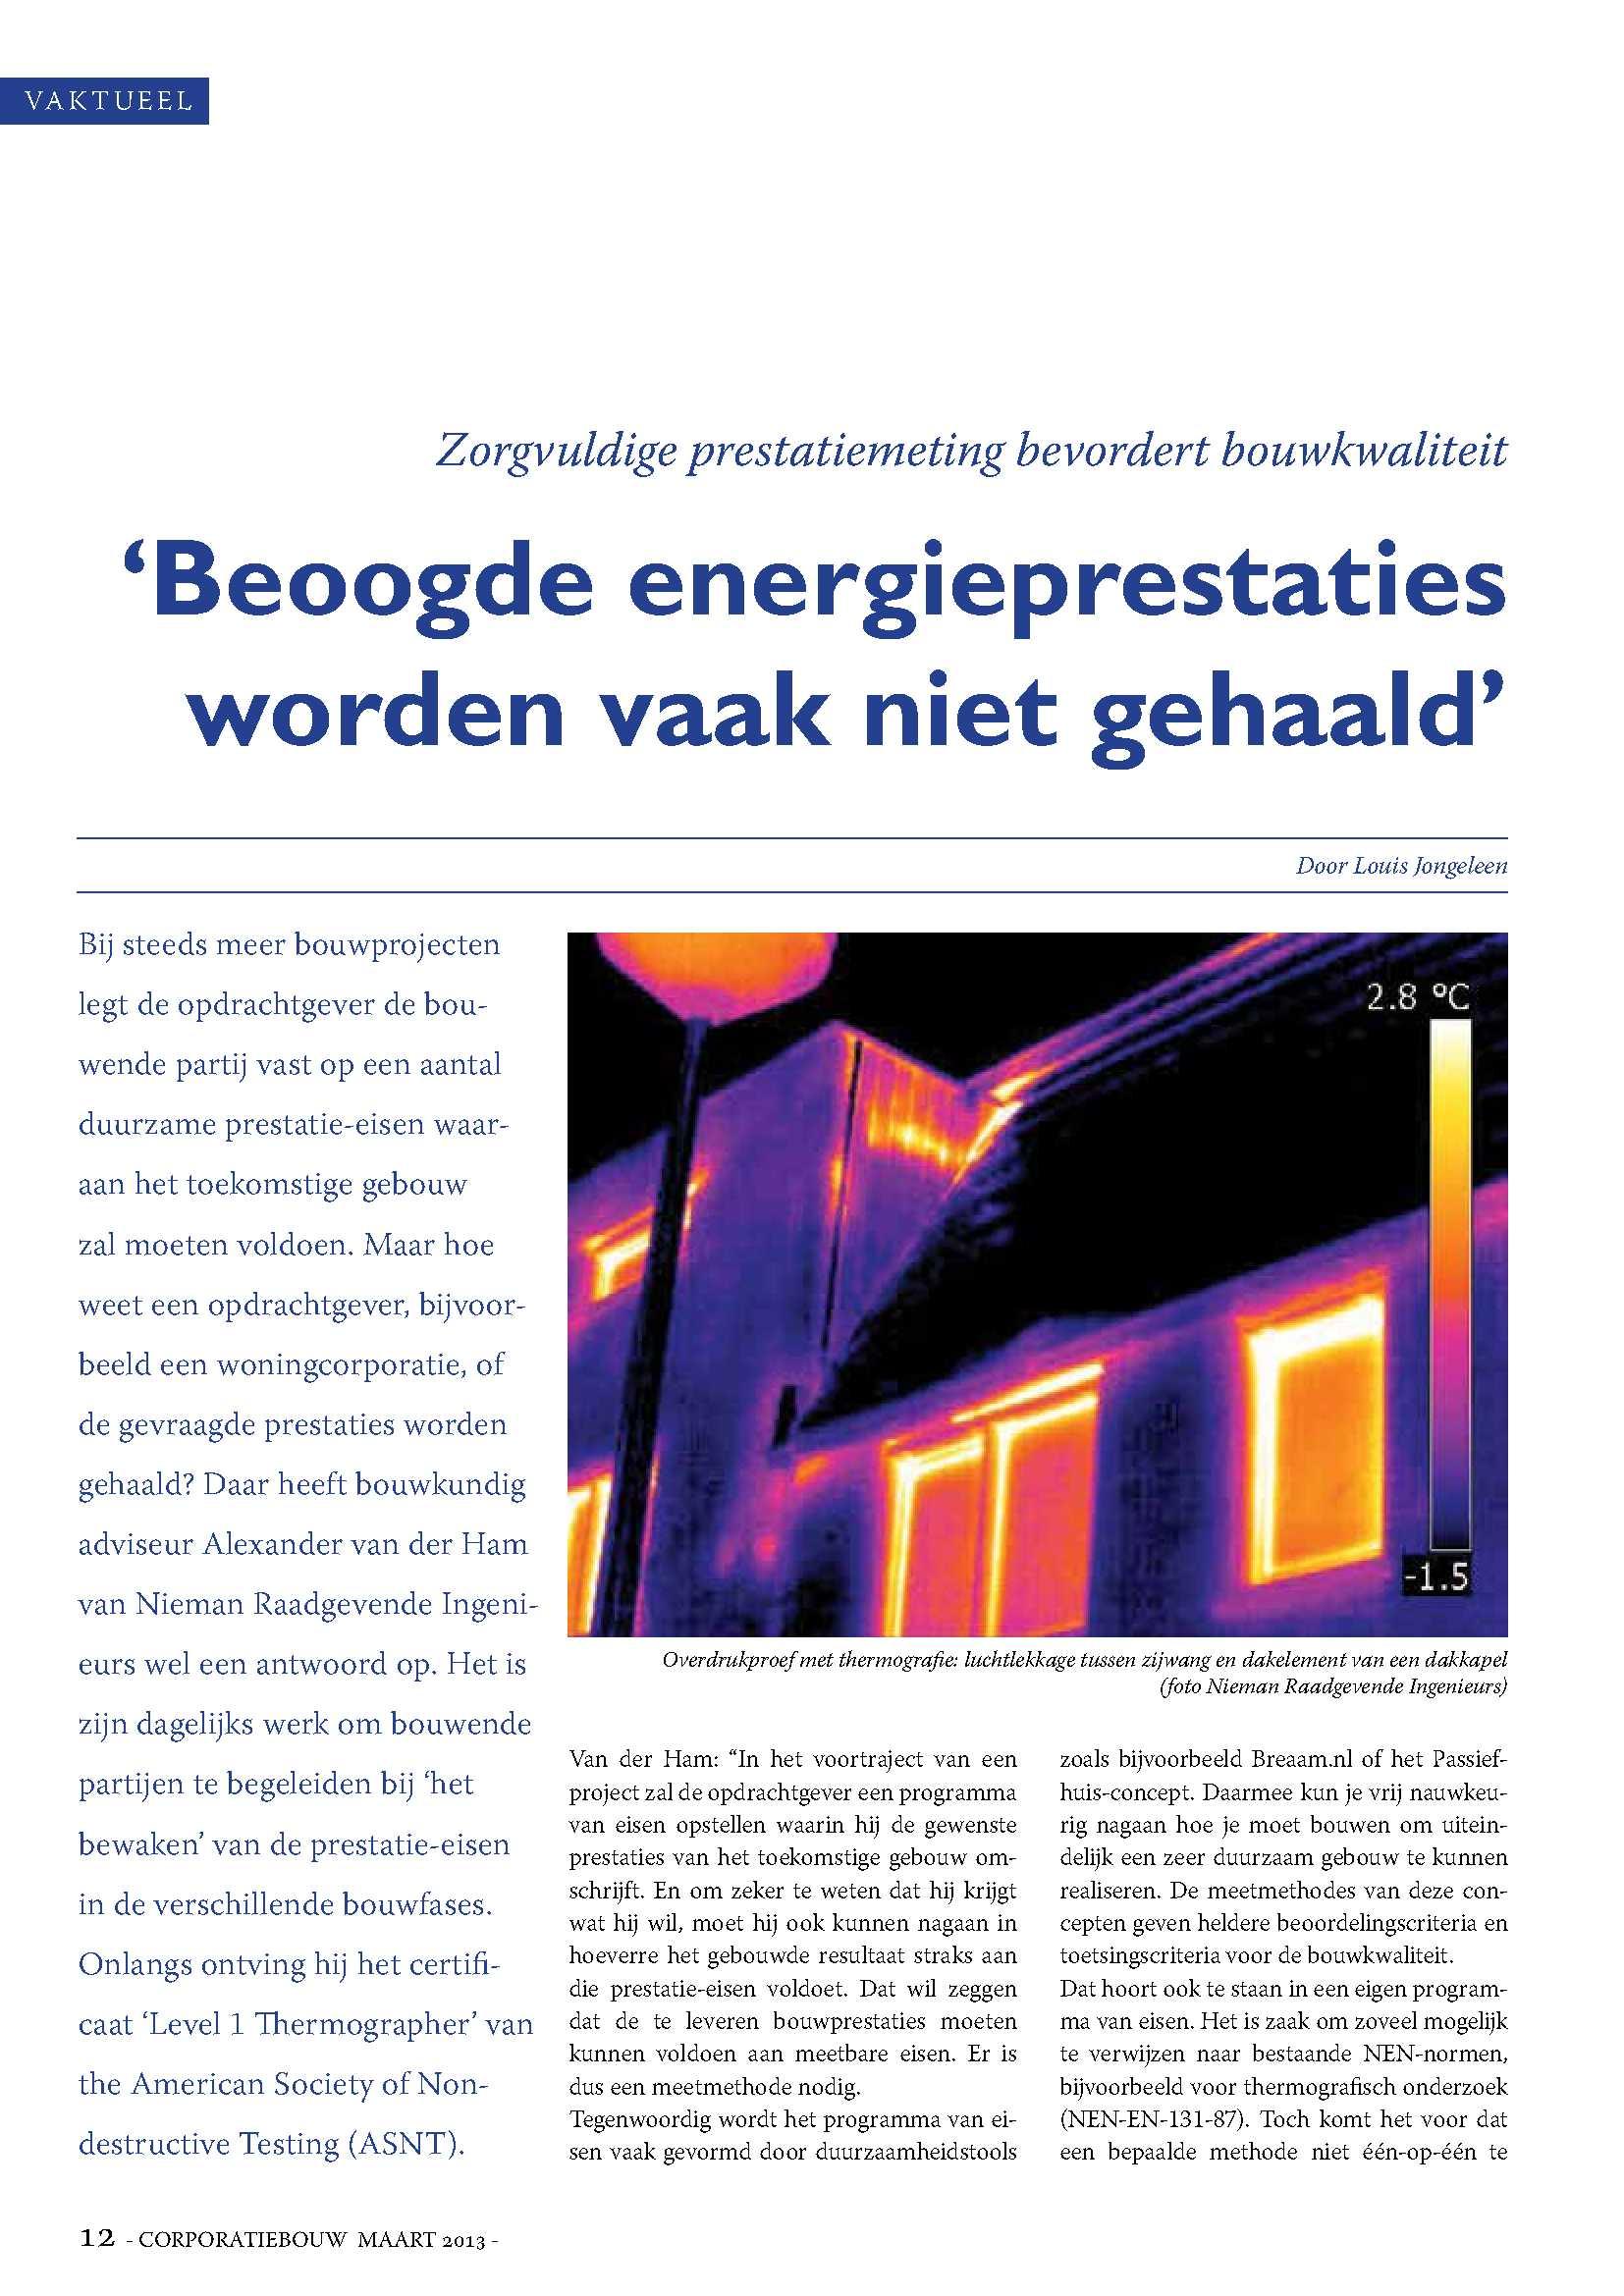 Corporatiebouw-2013-2_Vaktueel-Nieman_1-3